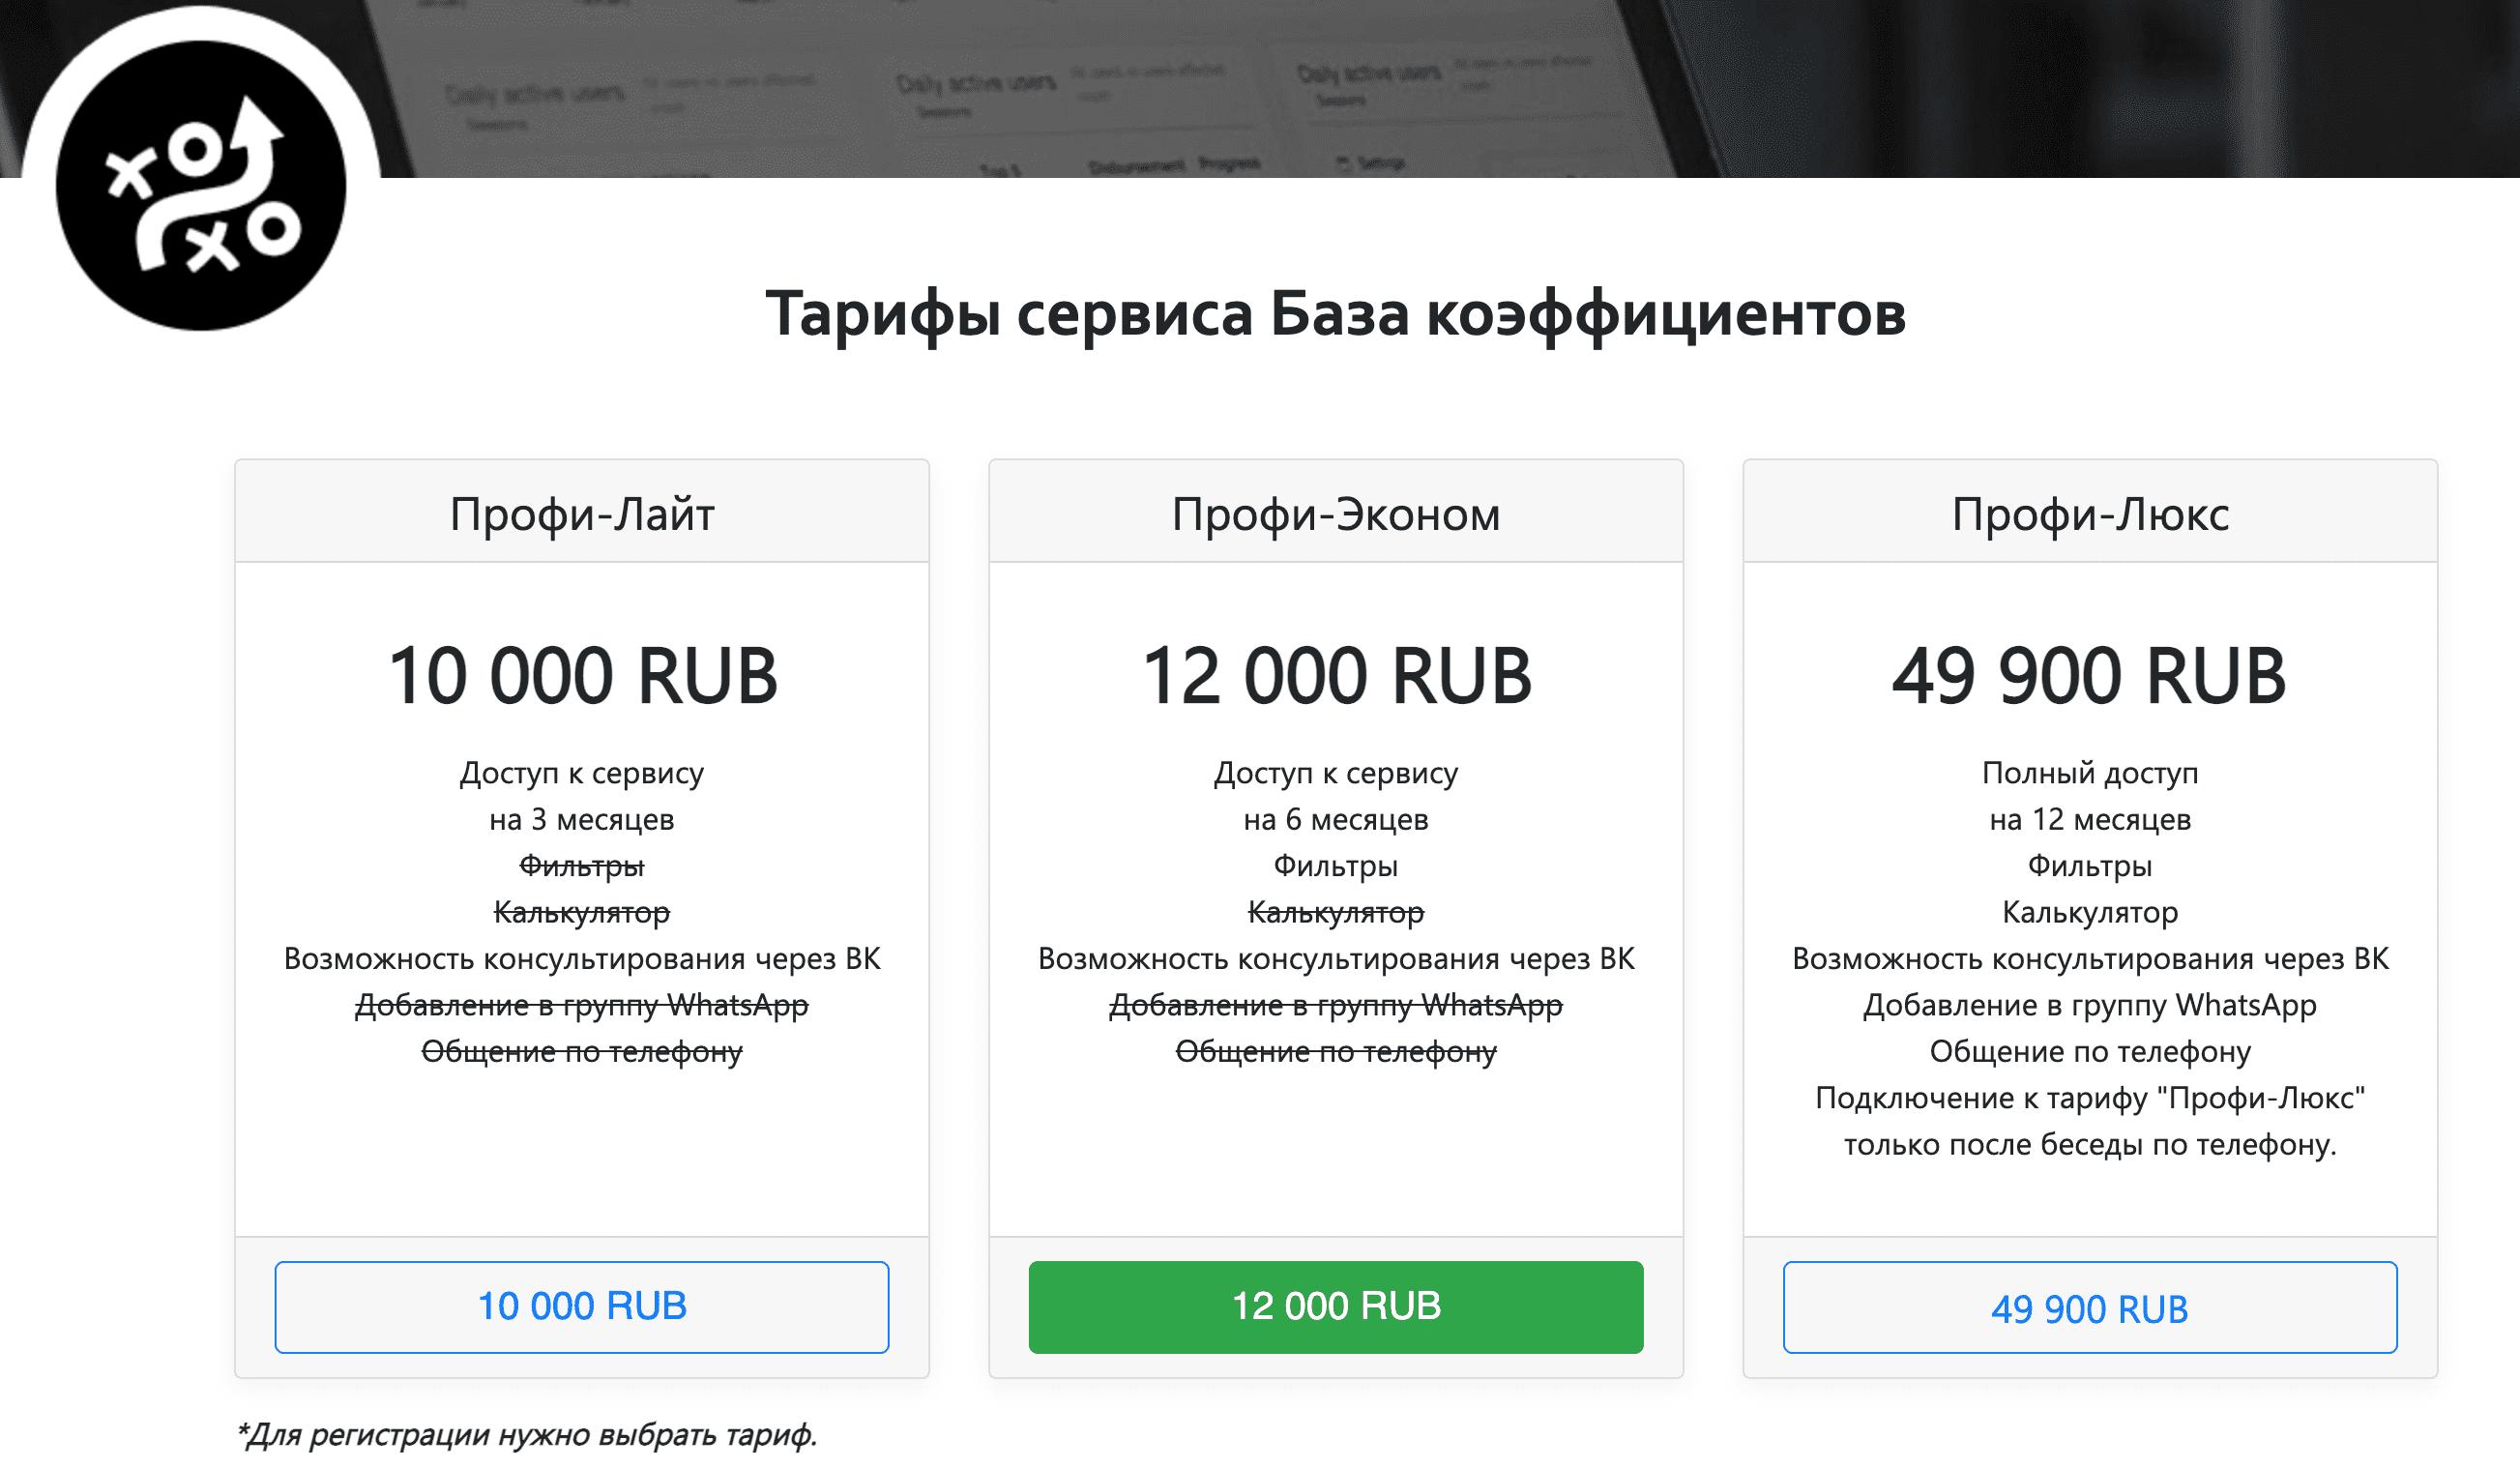 Ценовая политика сайта Бет-База.ком (Bet-Baza.com)